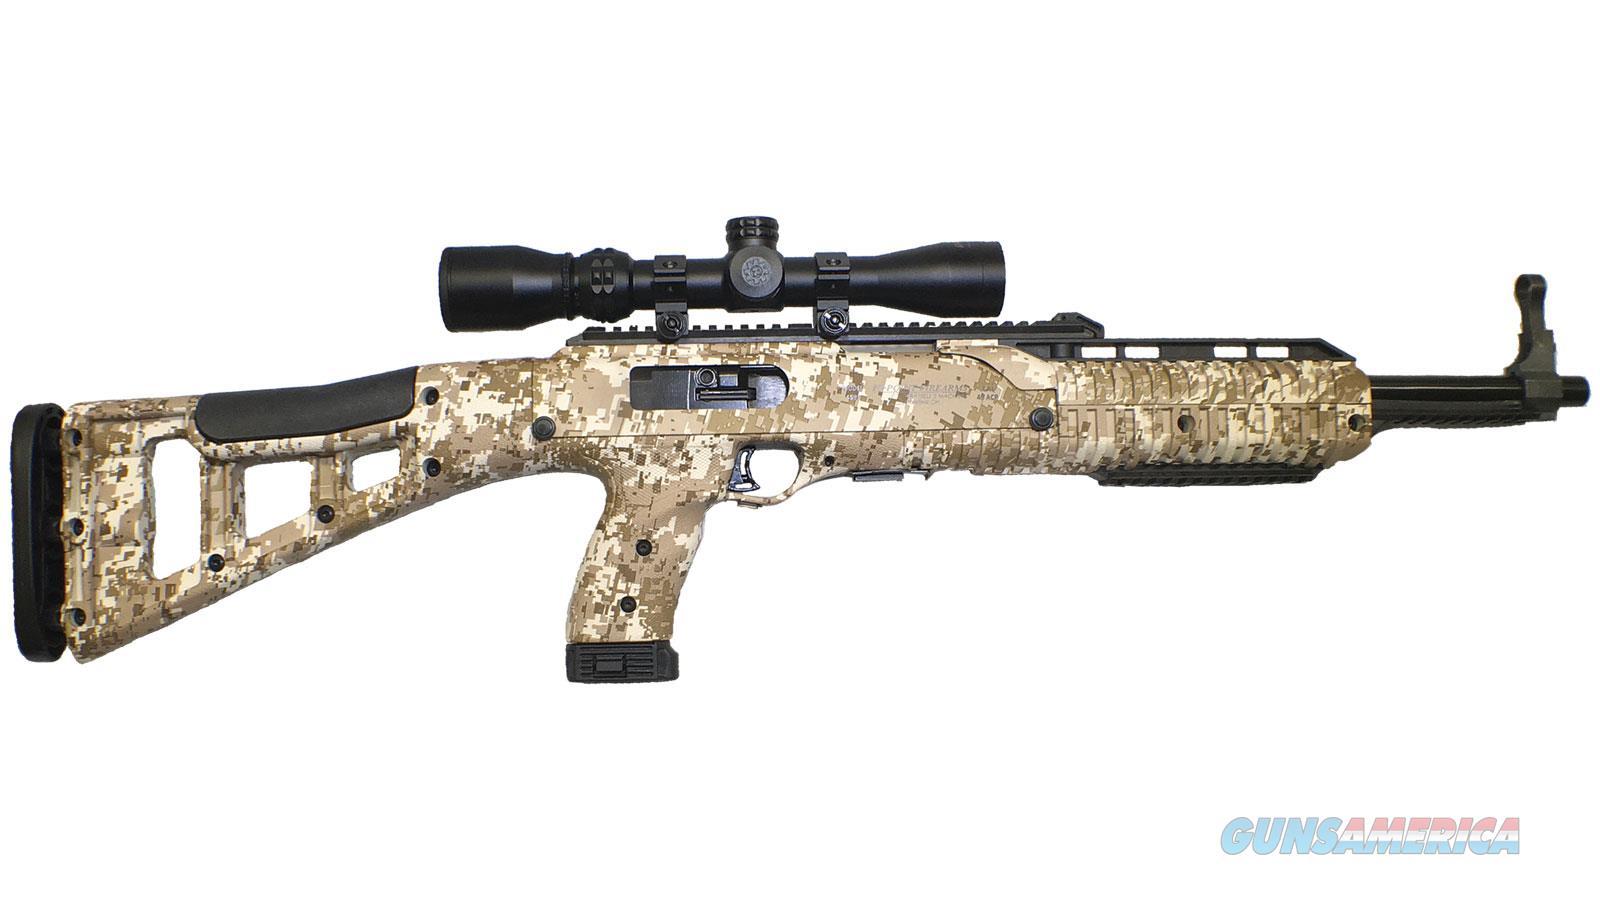 Hipoint 9Ts Carb Dd Hunter 9Mm 16.5 995DD HUNTER  Guns > Rifles > H Misc Rifles